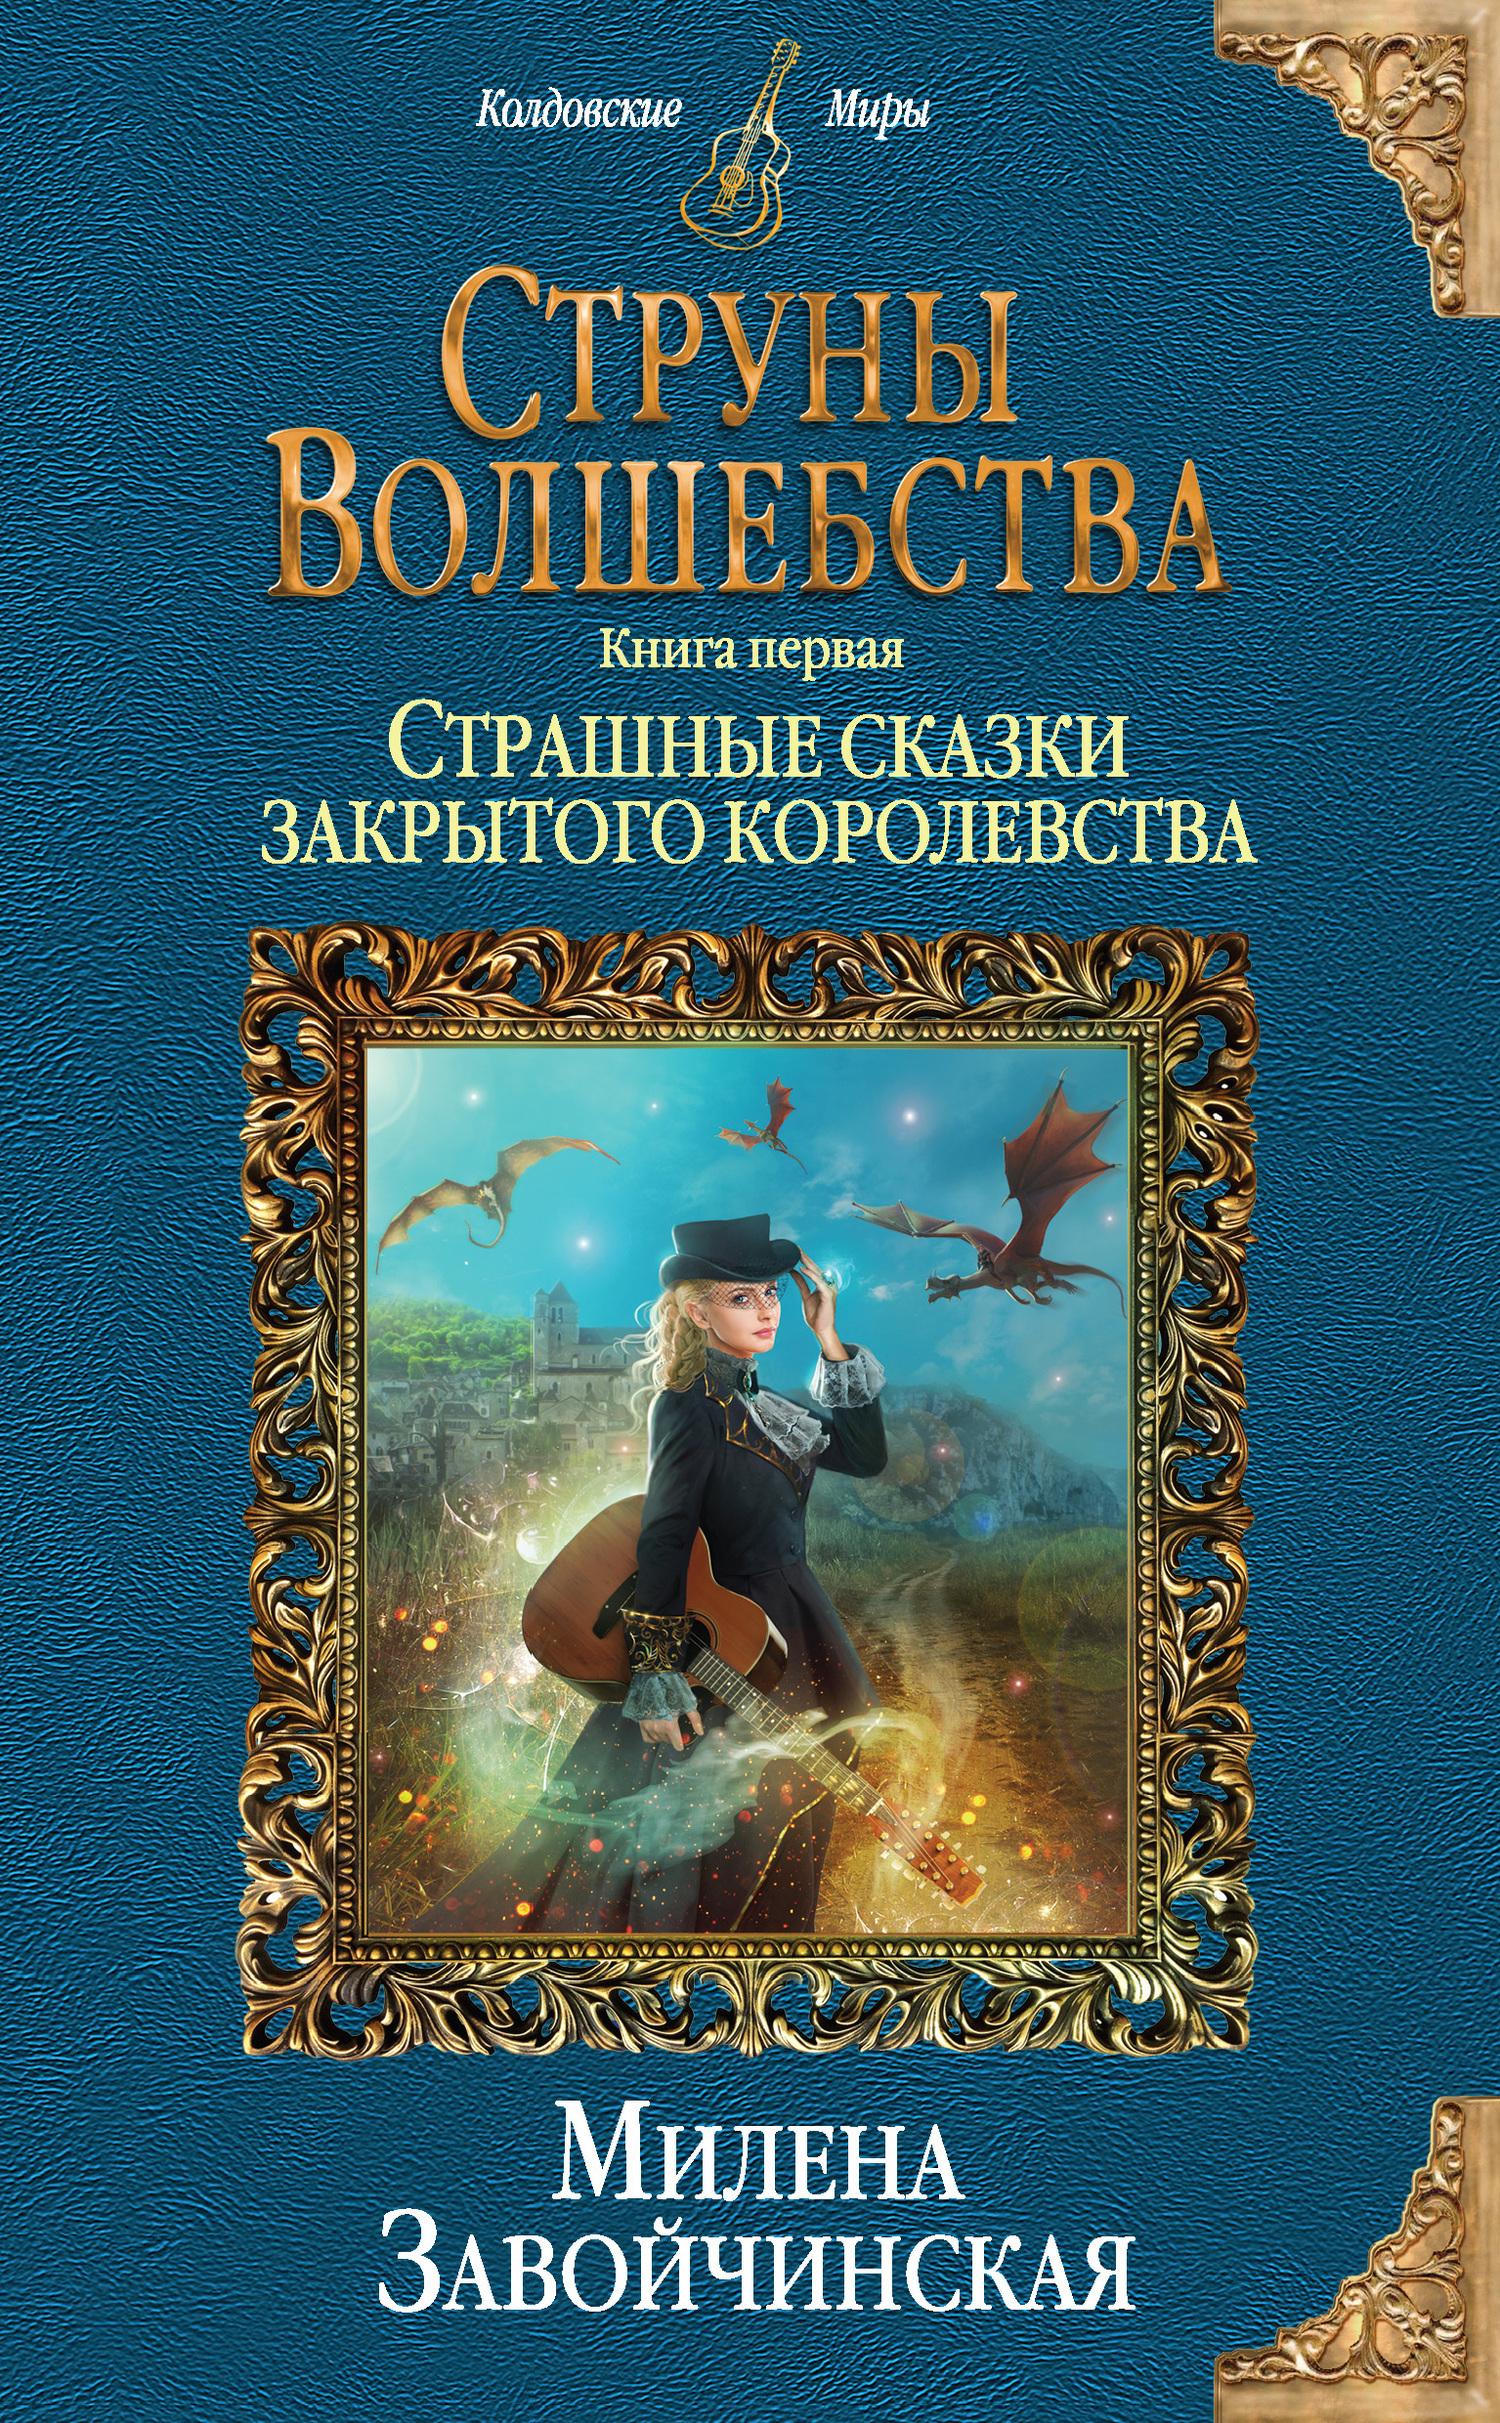 Книга Струны волшебства. Книга первая. Страшные сказки закрытого королевства